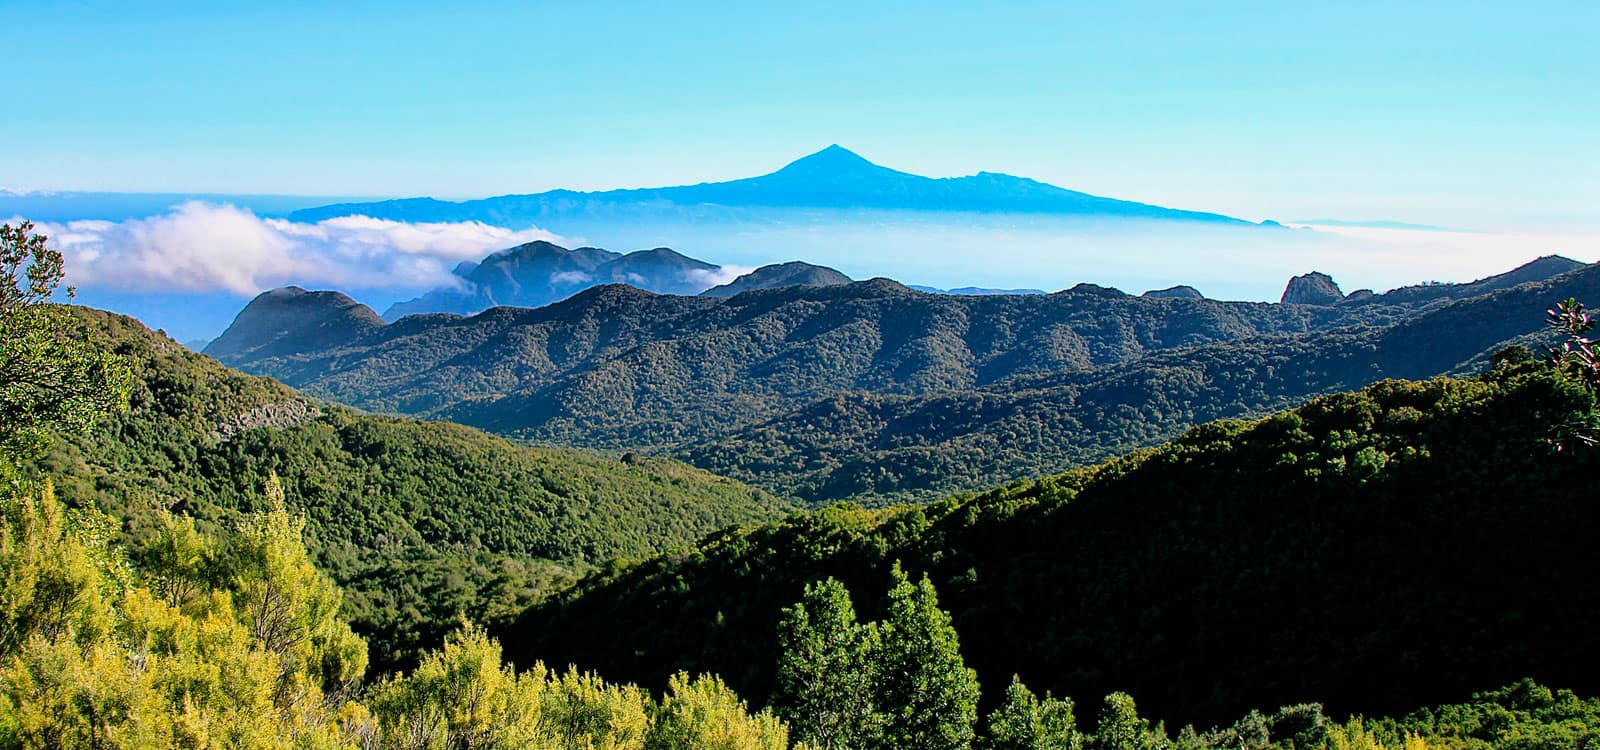 Hotel Laurisilva | La Gomera | Web Oficial